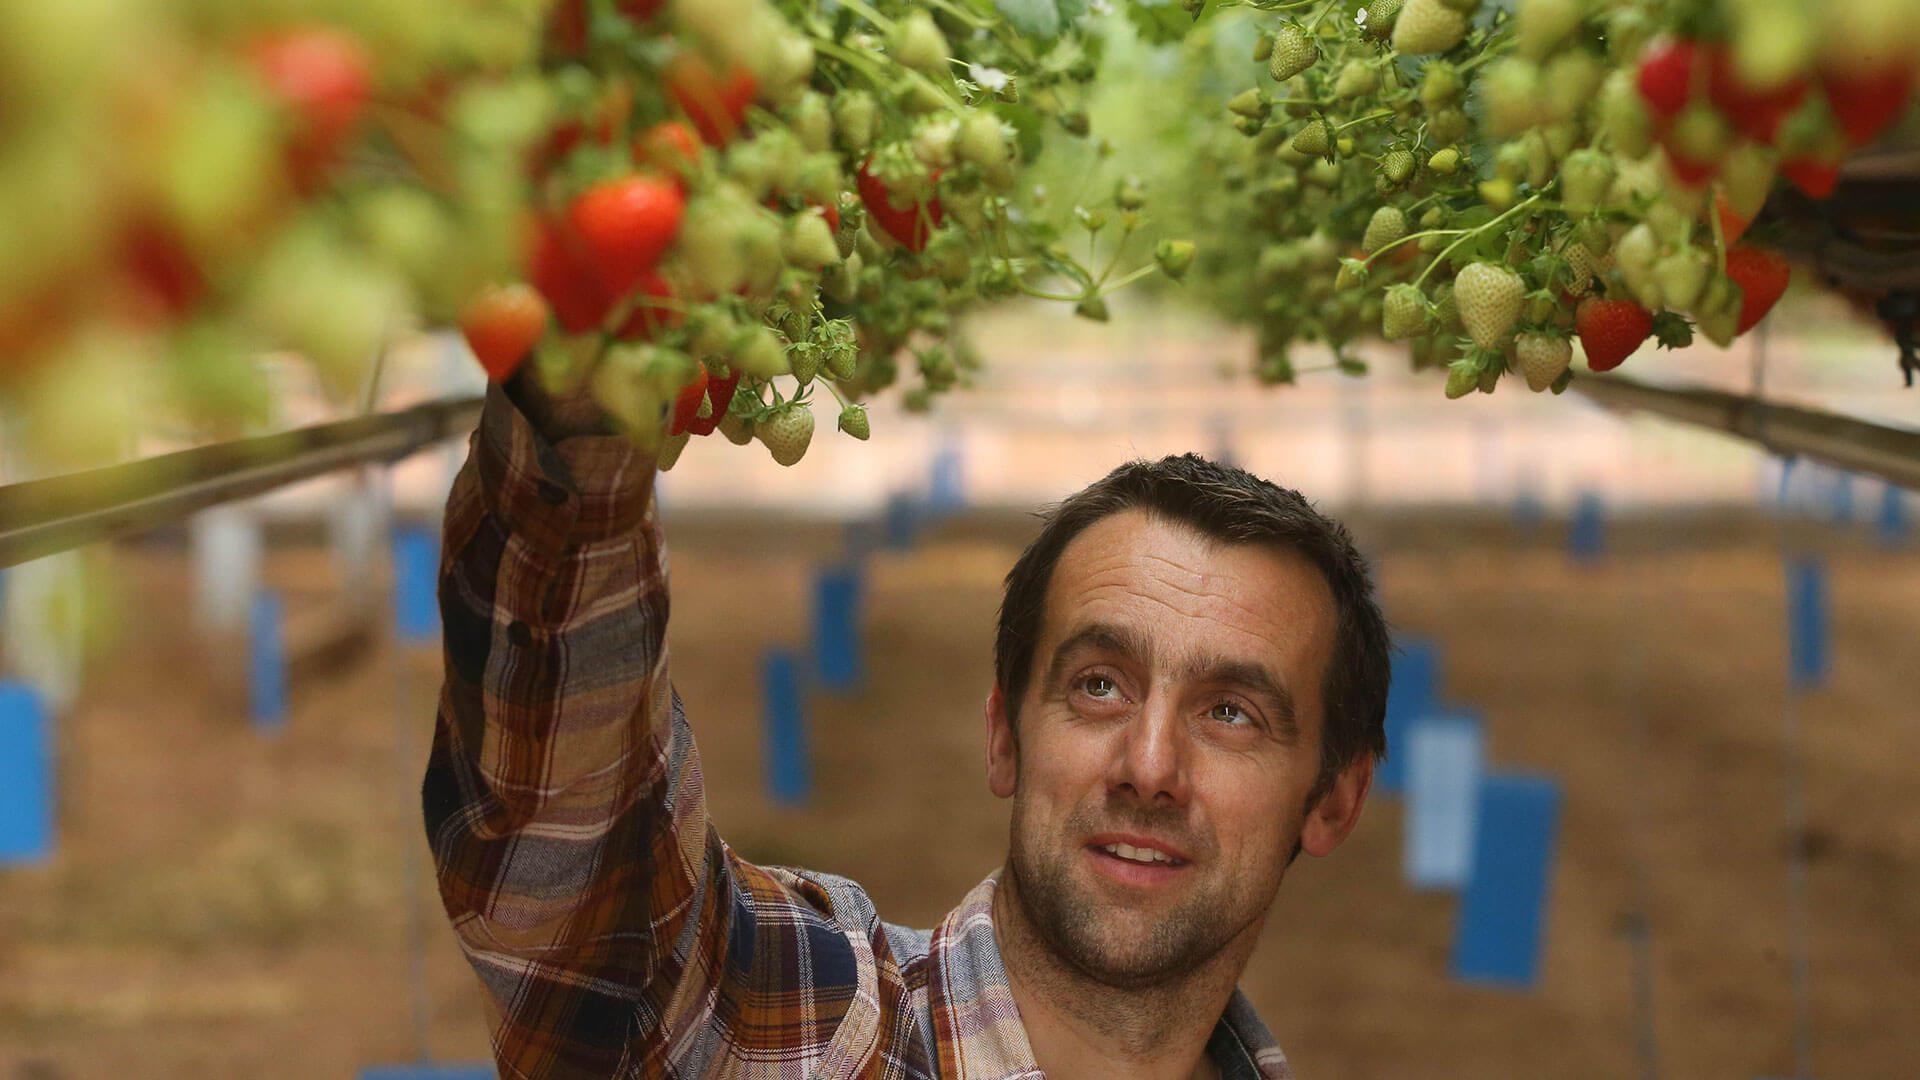 Man Picking Strawberries